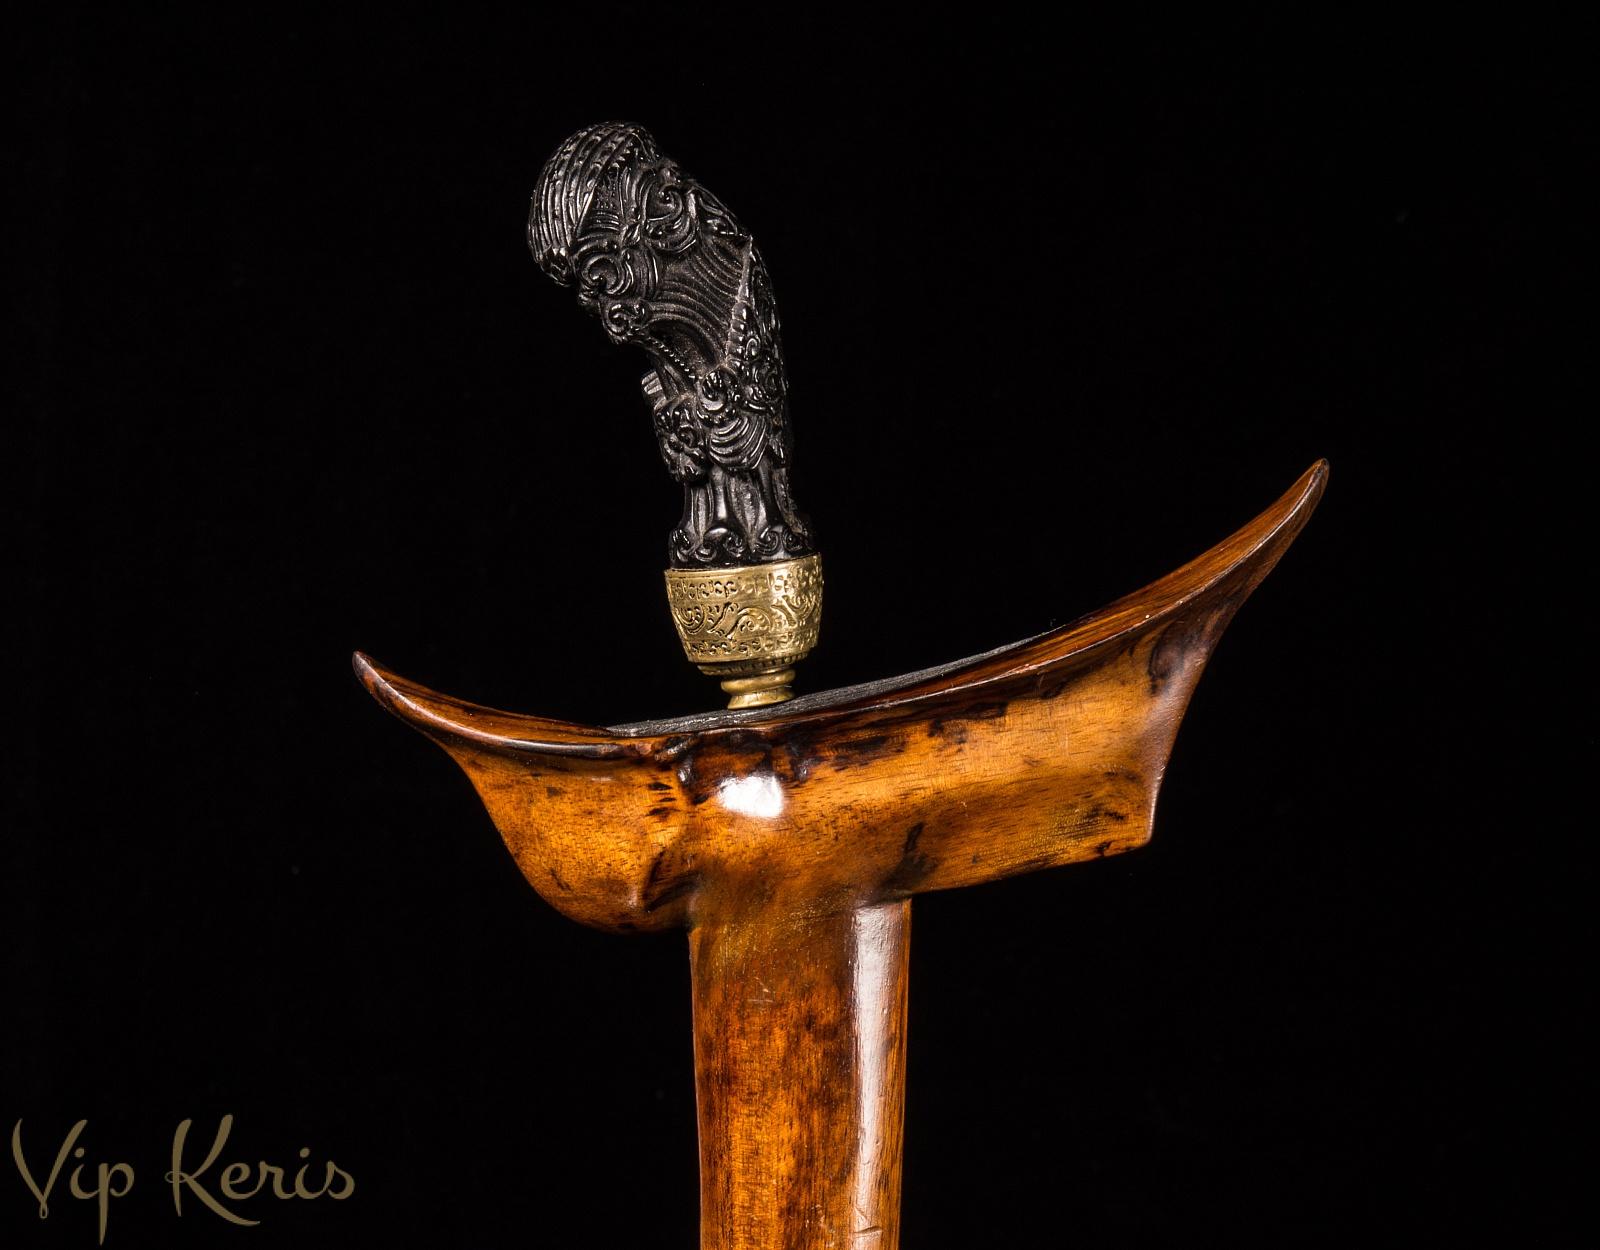 Нож Крис Tilamupih, целитель, тройной памор. фото VipKeris